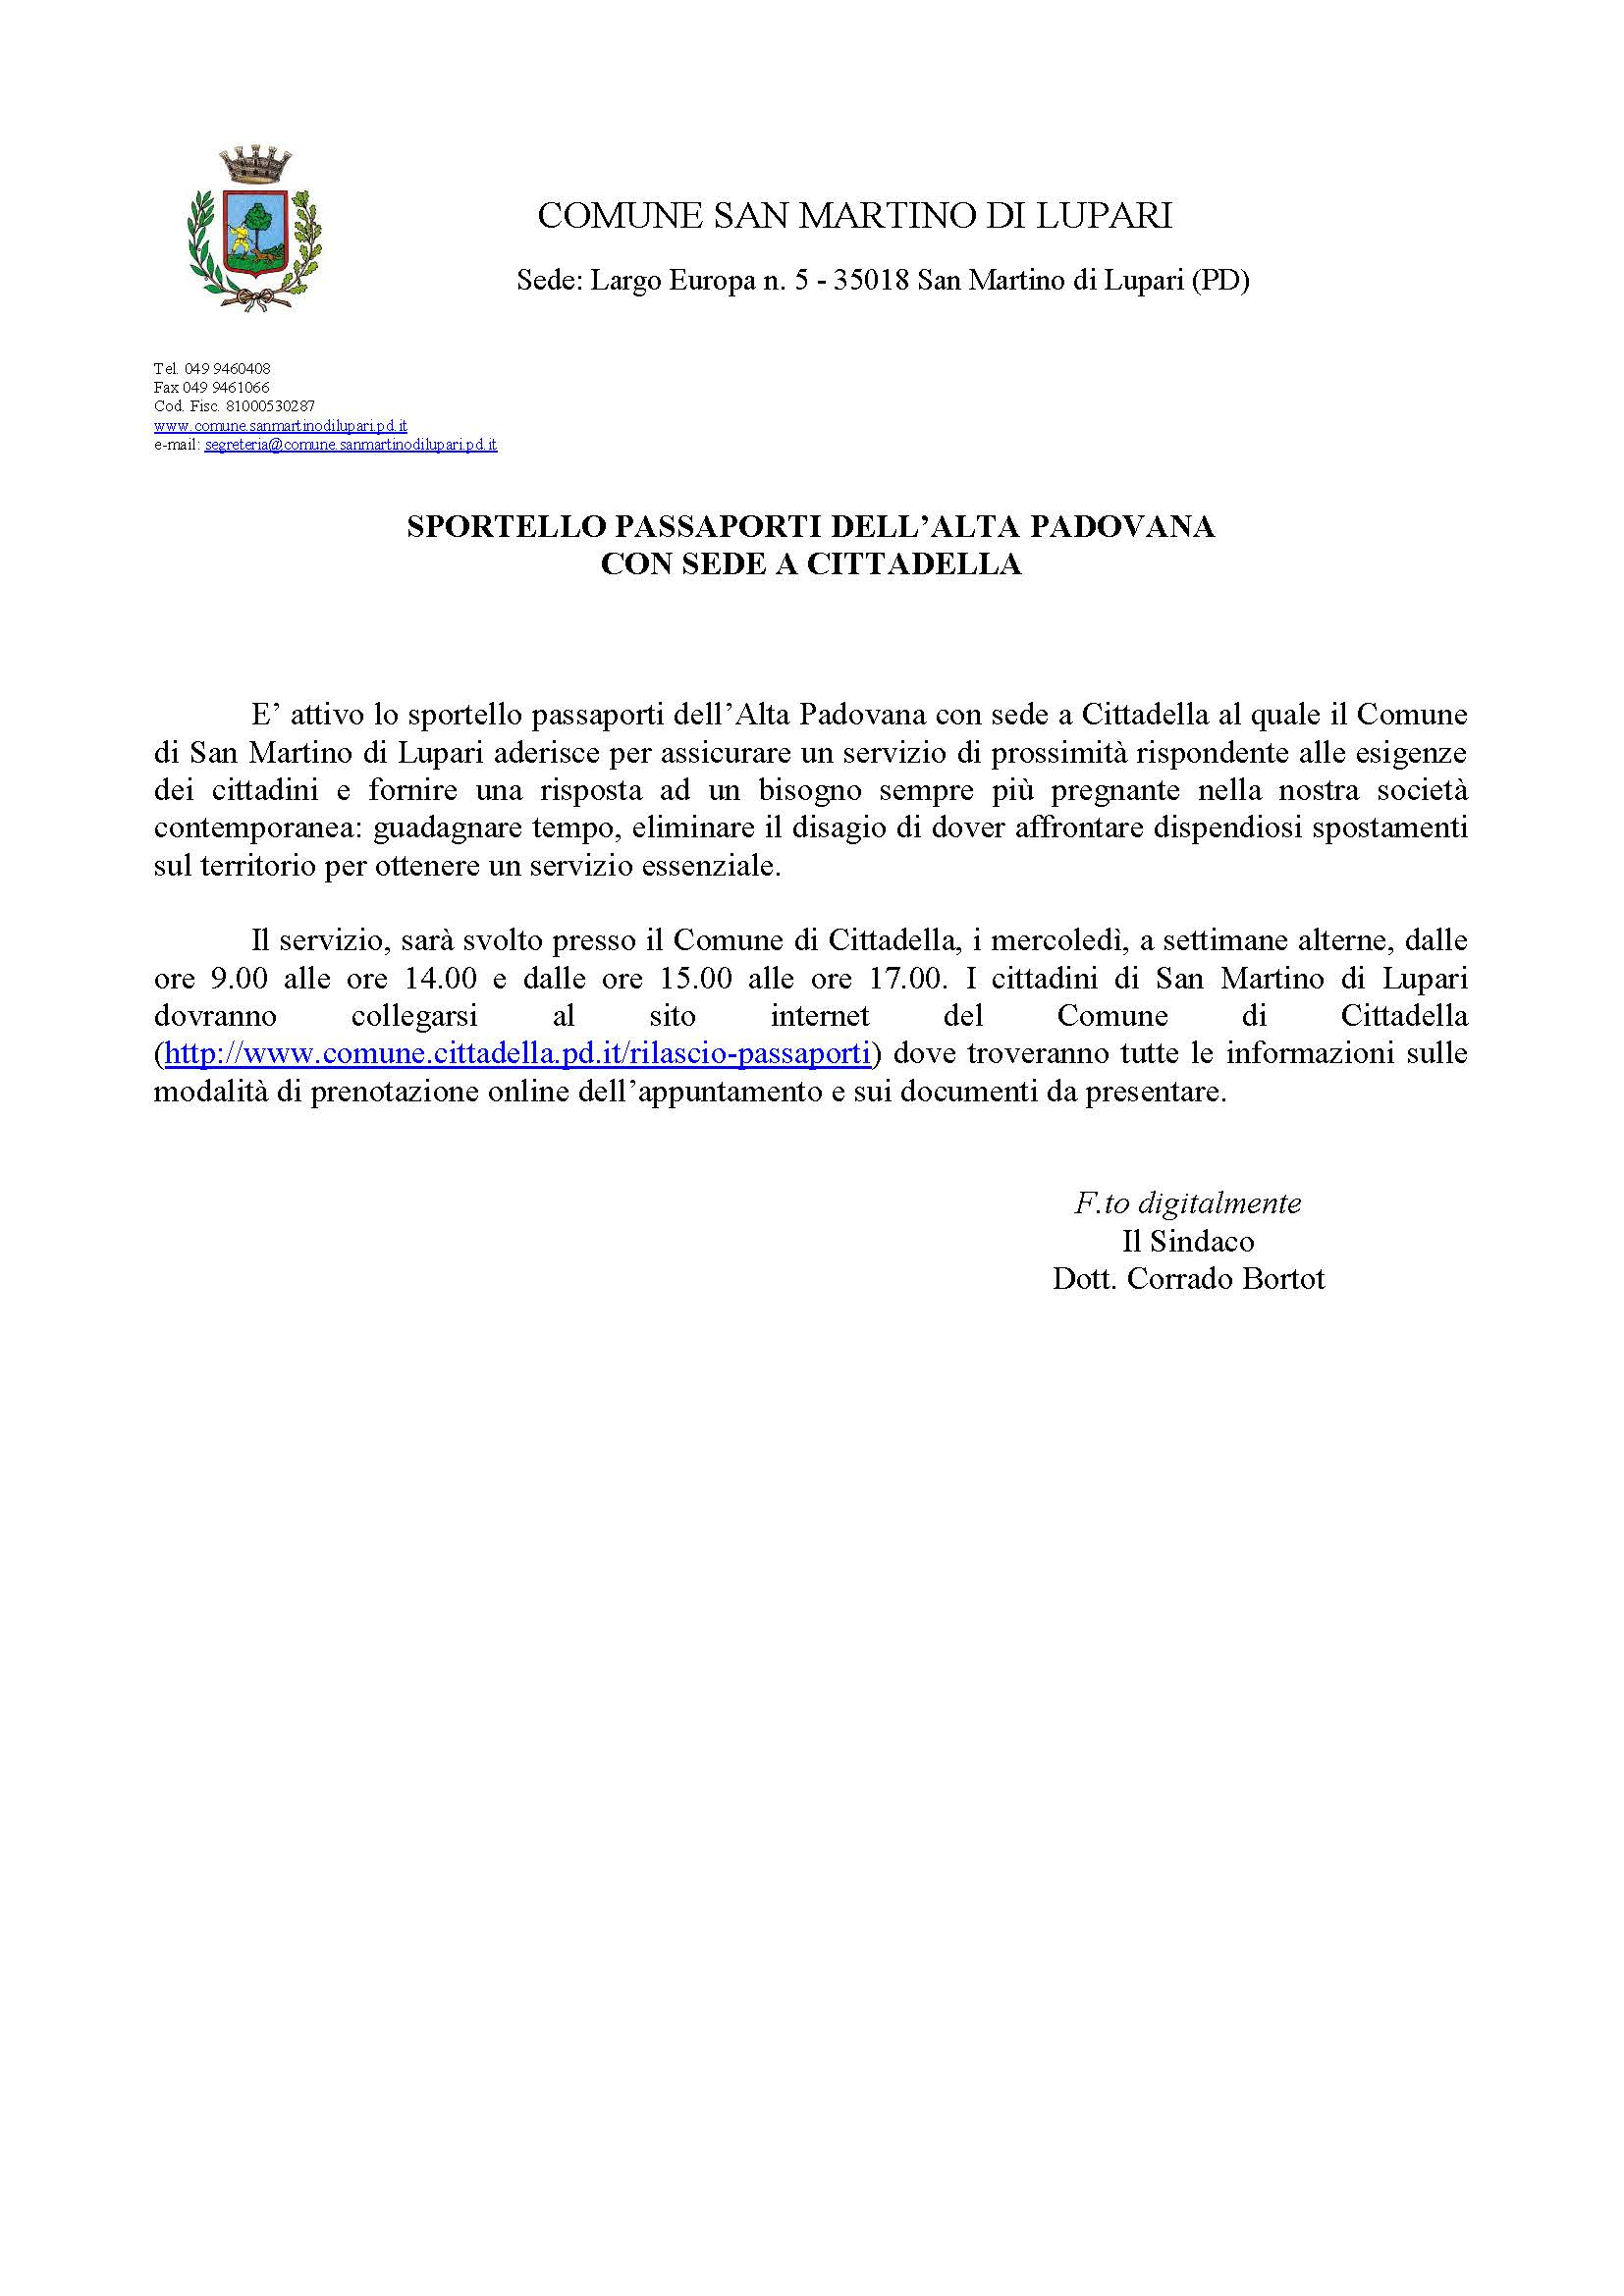 SPORTELLO PASSAPORTI DELL'ALTA PADOVANA CON SEDE A CITTADELLA